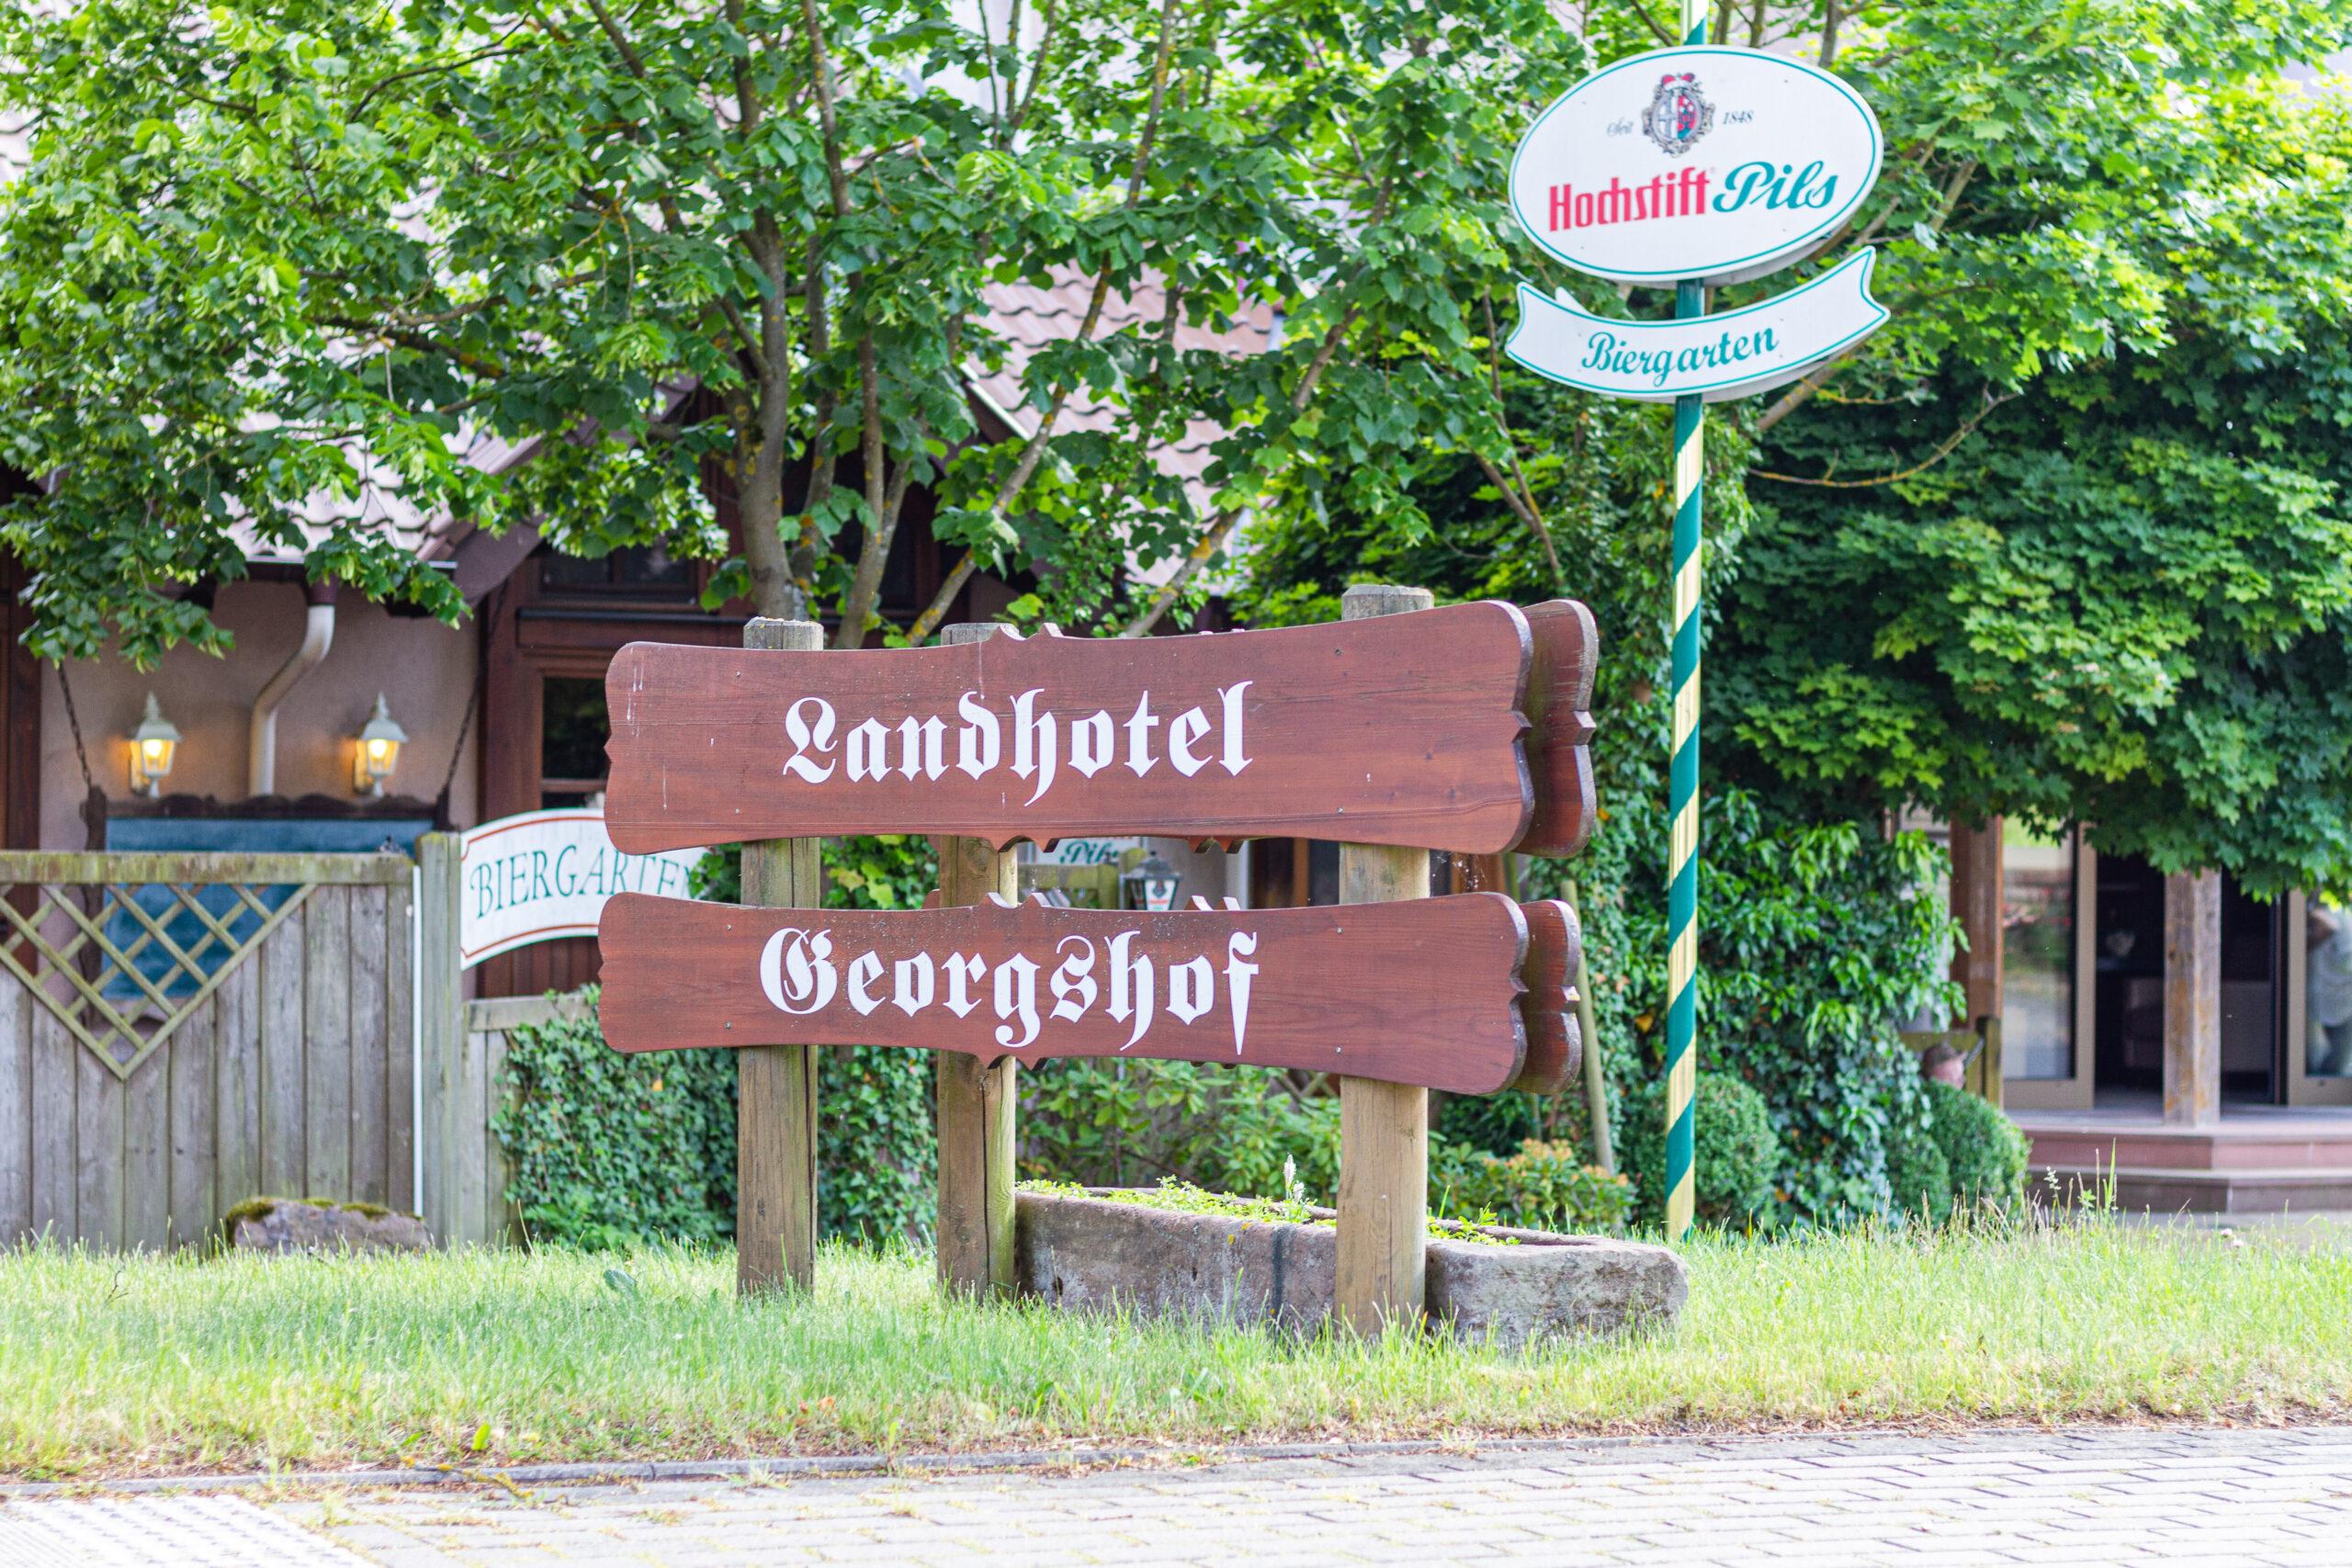 Ihre Adresse direkt an der Autobahn A7 Abfahrt 90 Hünfeld Schlitz. Stellen Sie uns eine Anfrage zu ihren Übernachtungsmöglichkeiten in Hünfeld, Fulda, Schlitz und Umgebung.